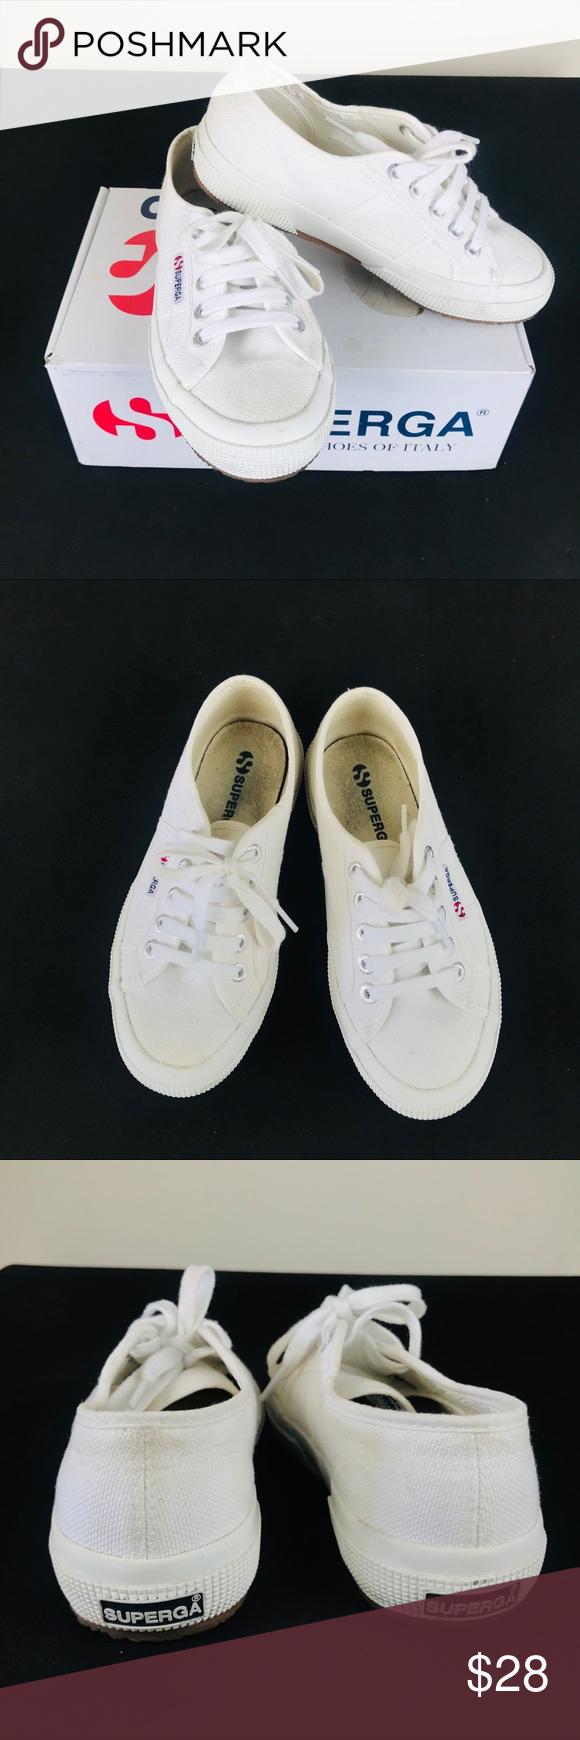 ❤️ SUPERGA WHITE 2750 COTU CLASSIC